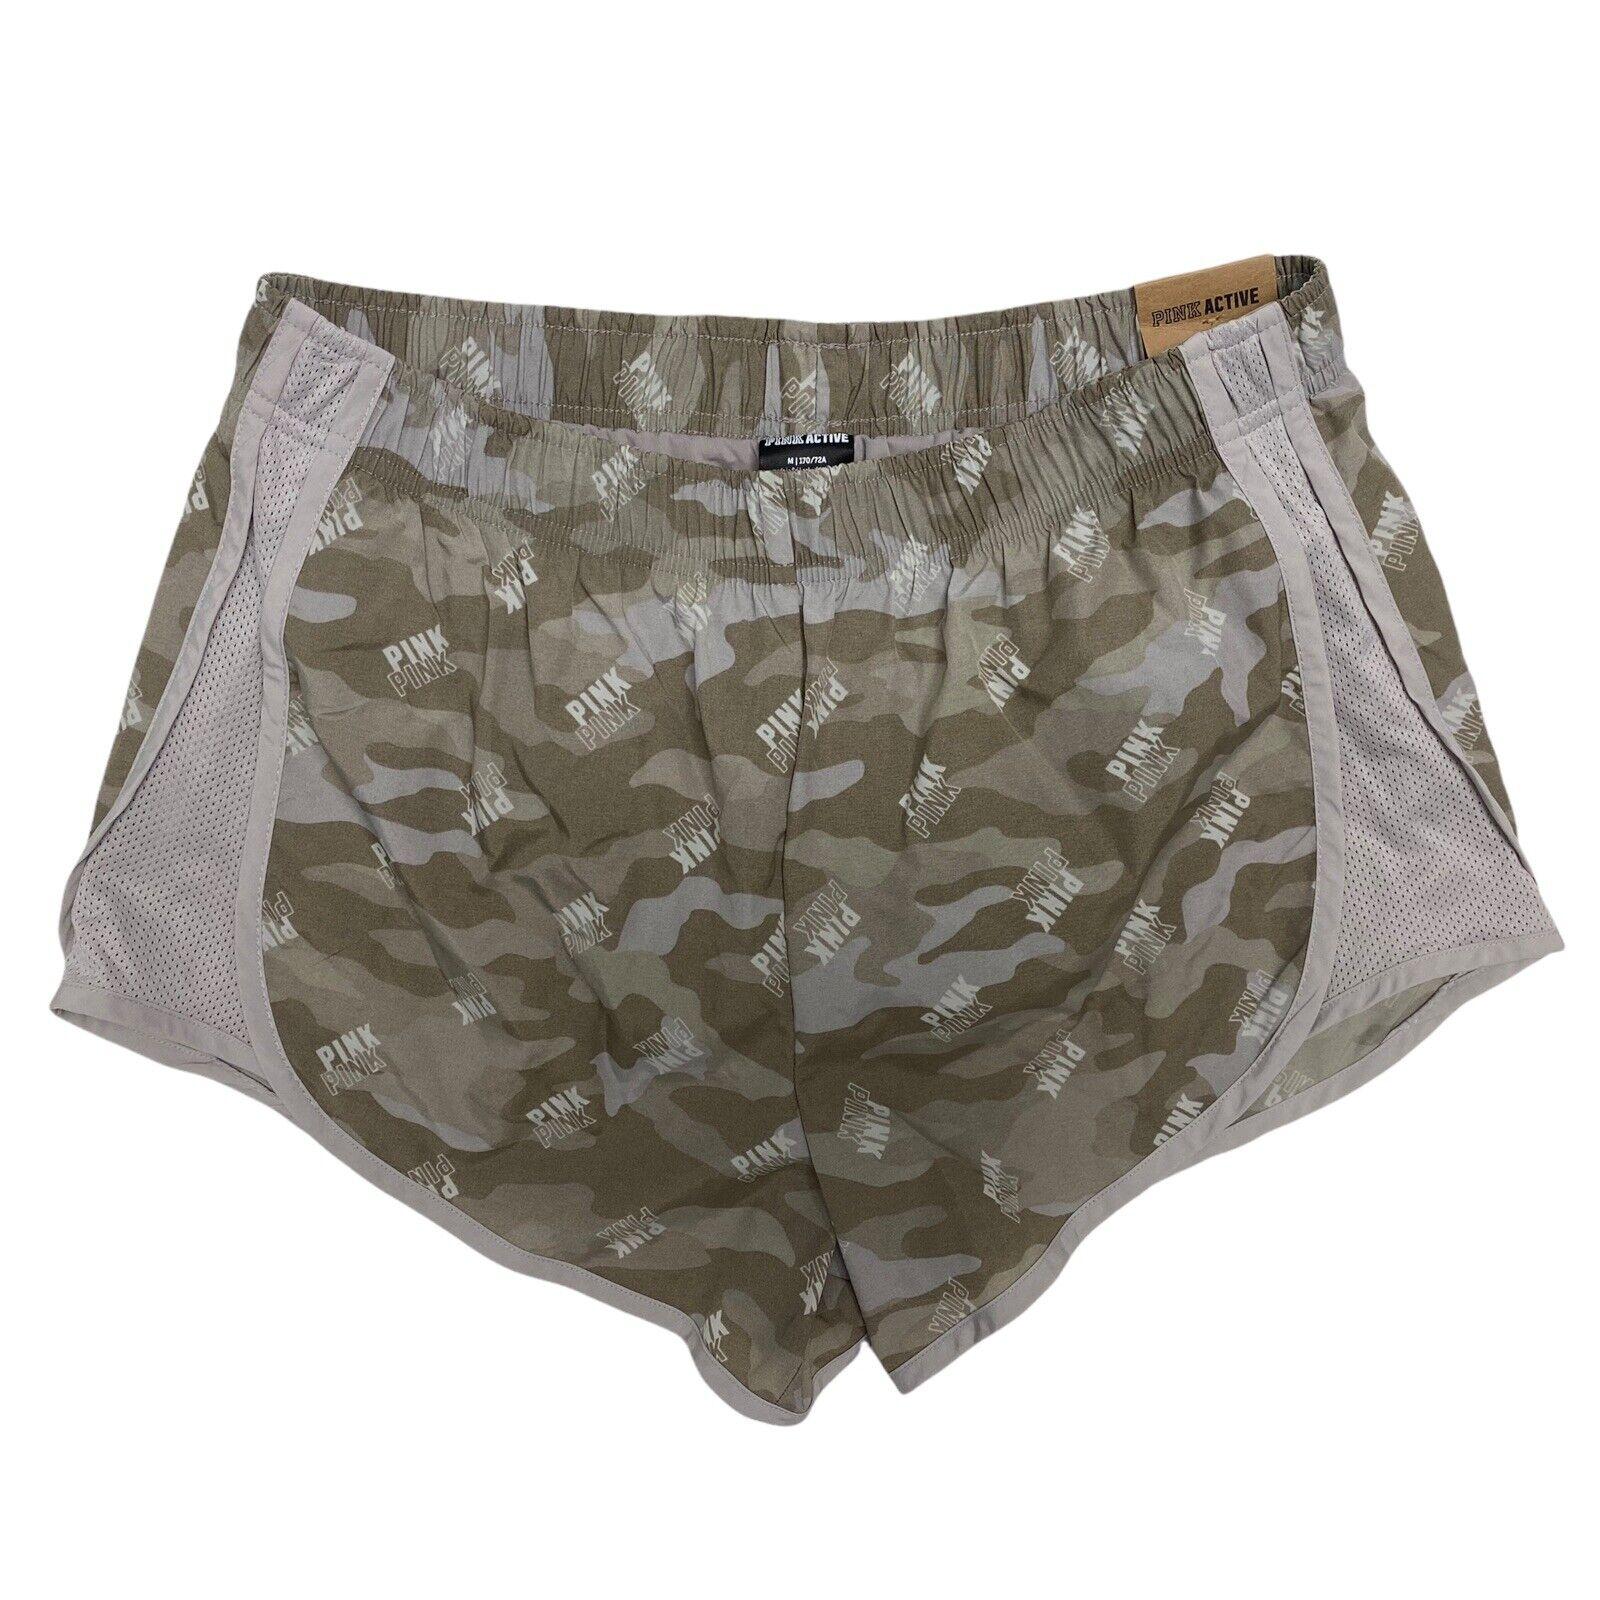 Victoria secret PINK women's Active shorts camo size M/M